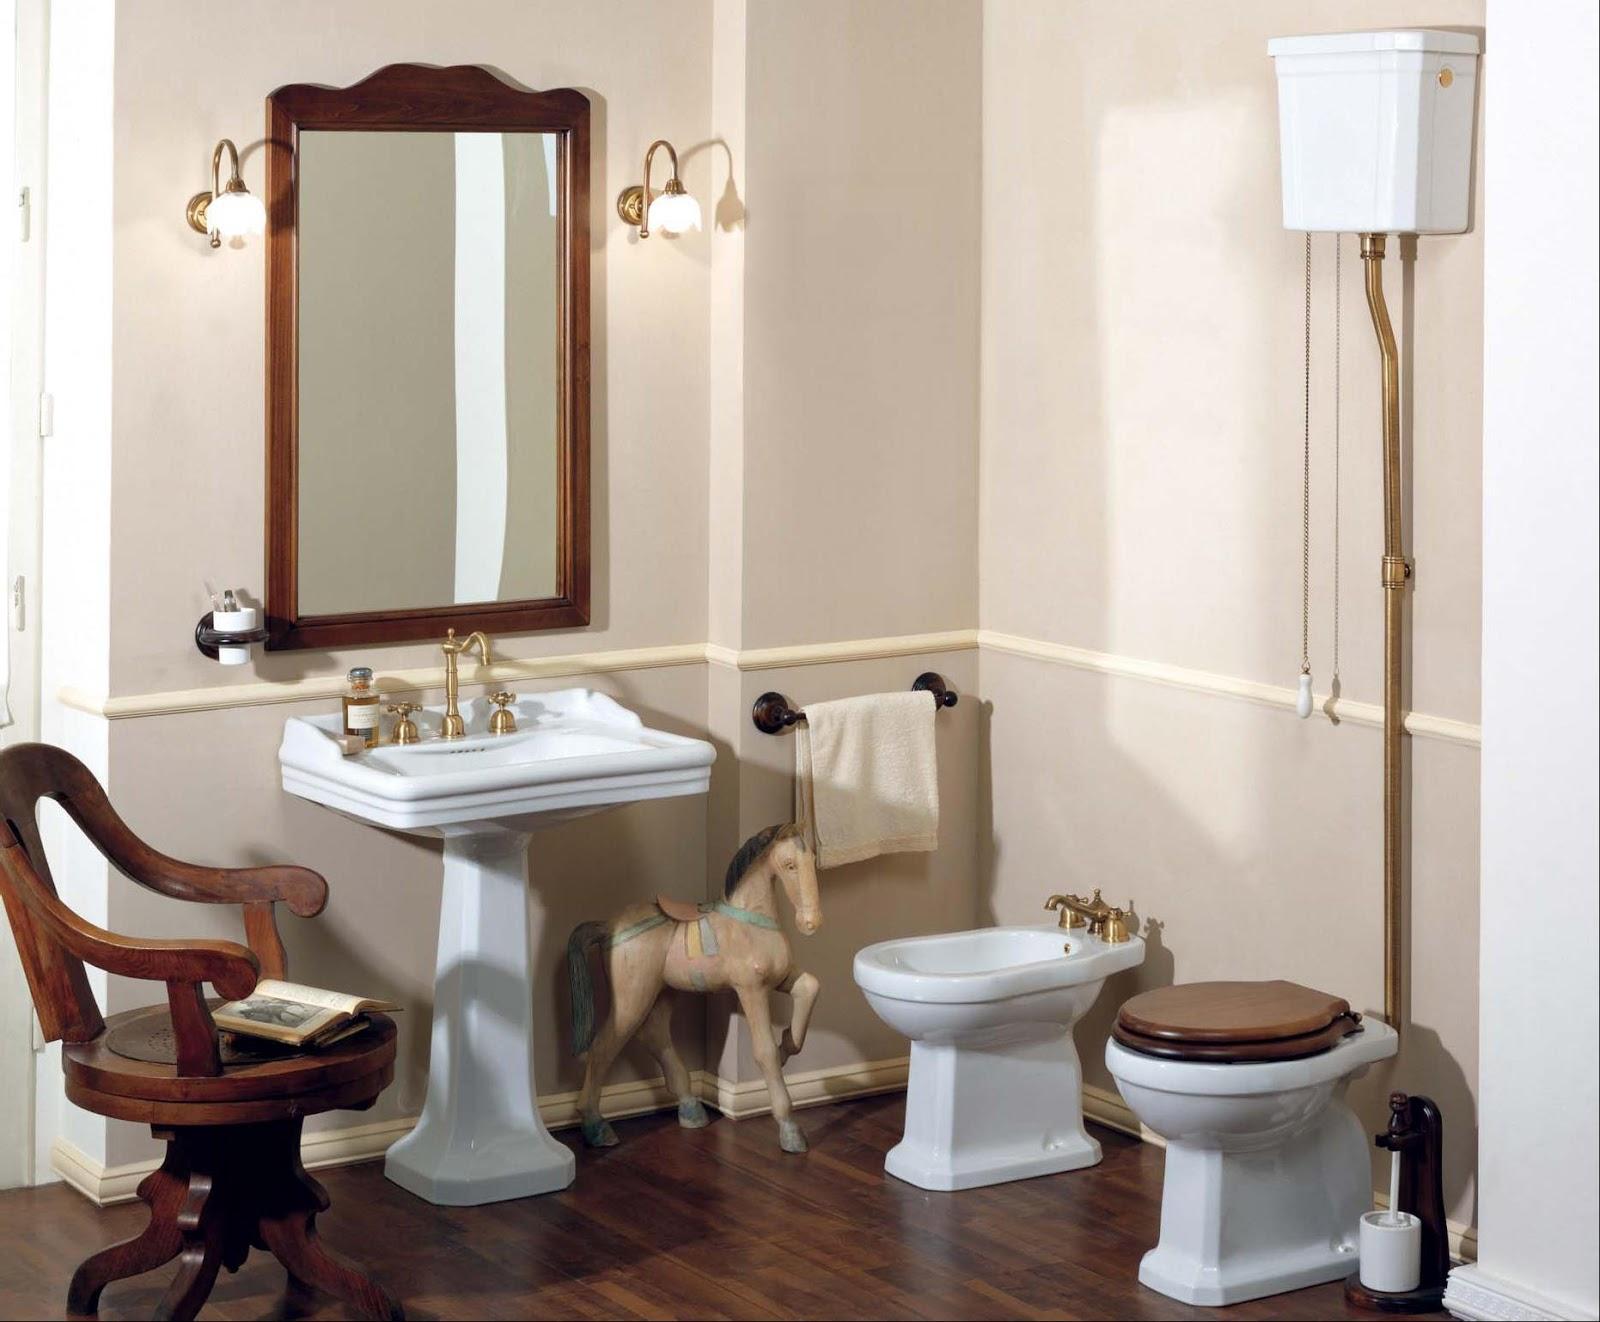 дизайн ванной комнаты с кабиной